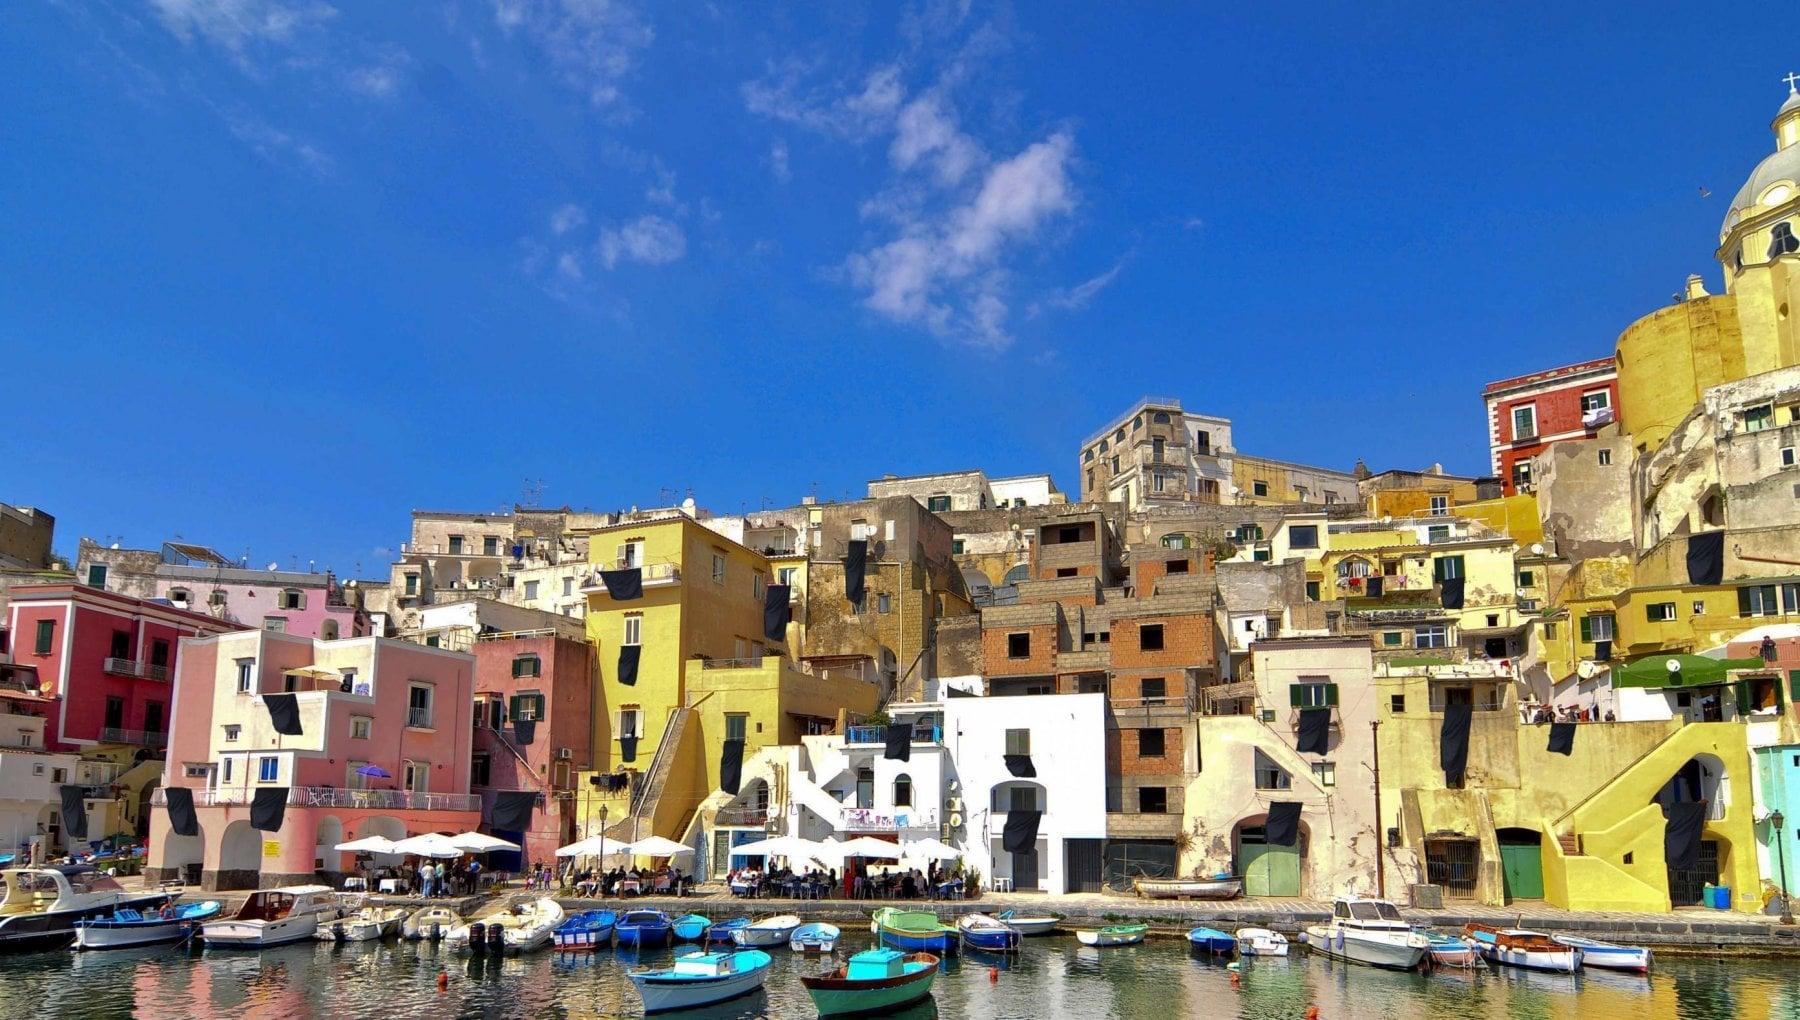 E Procida la capitale italiana della cultura per il 2022. Franceschini Un segnale per guardare al futuro